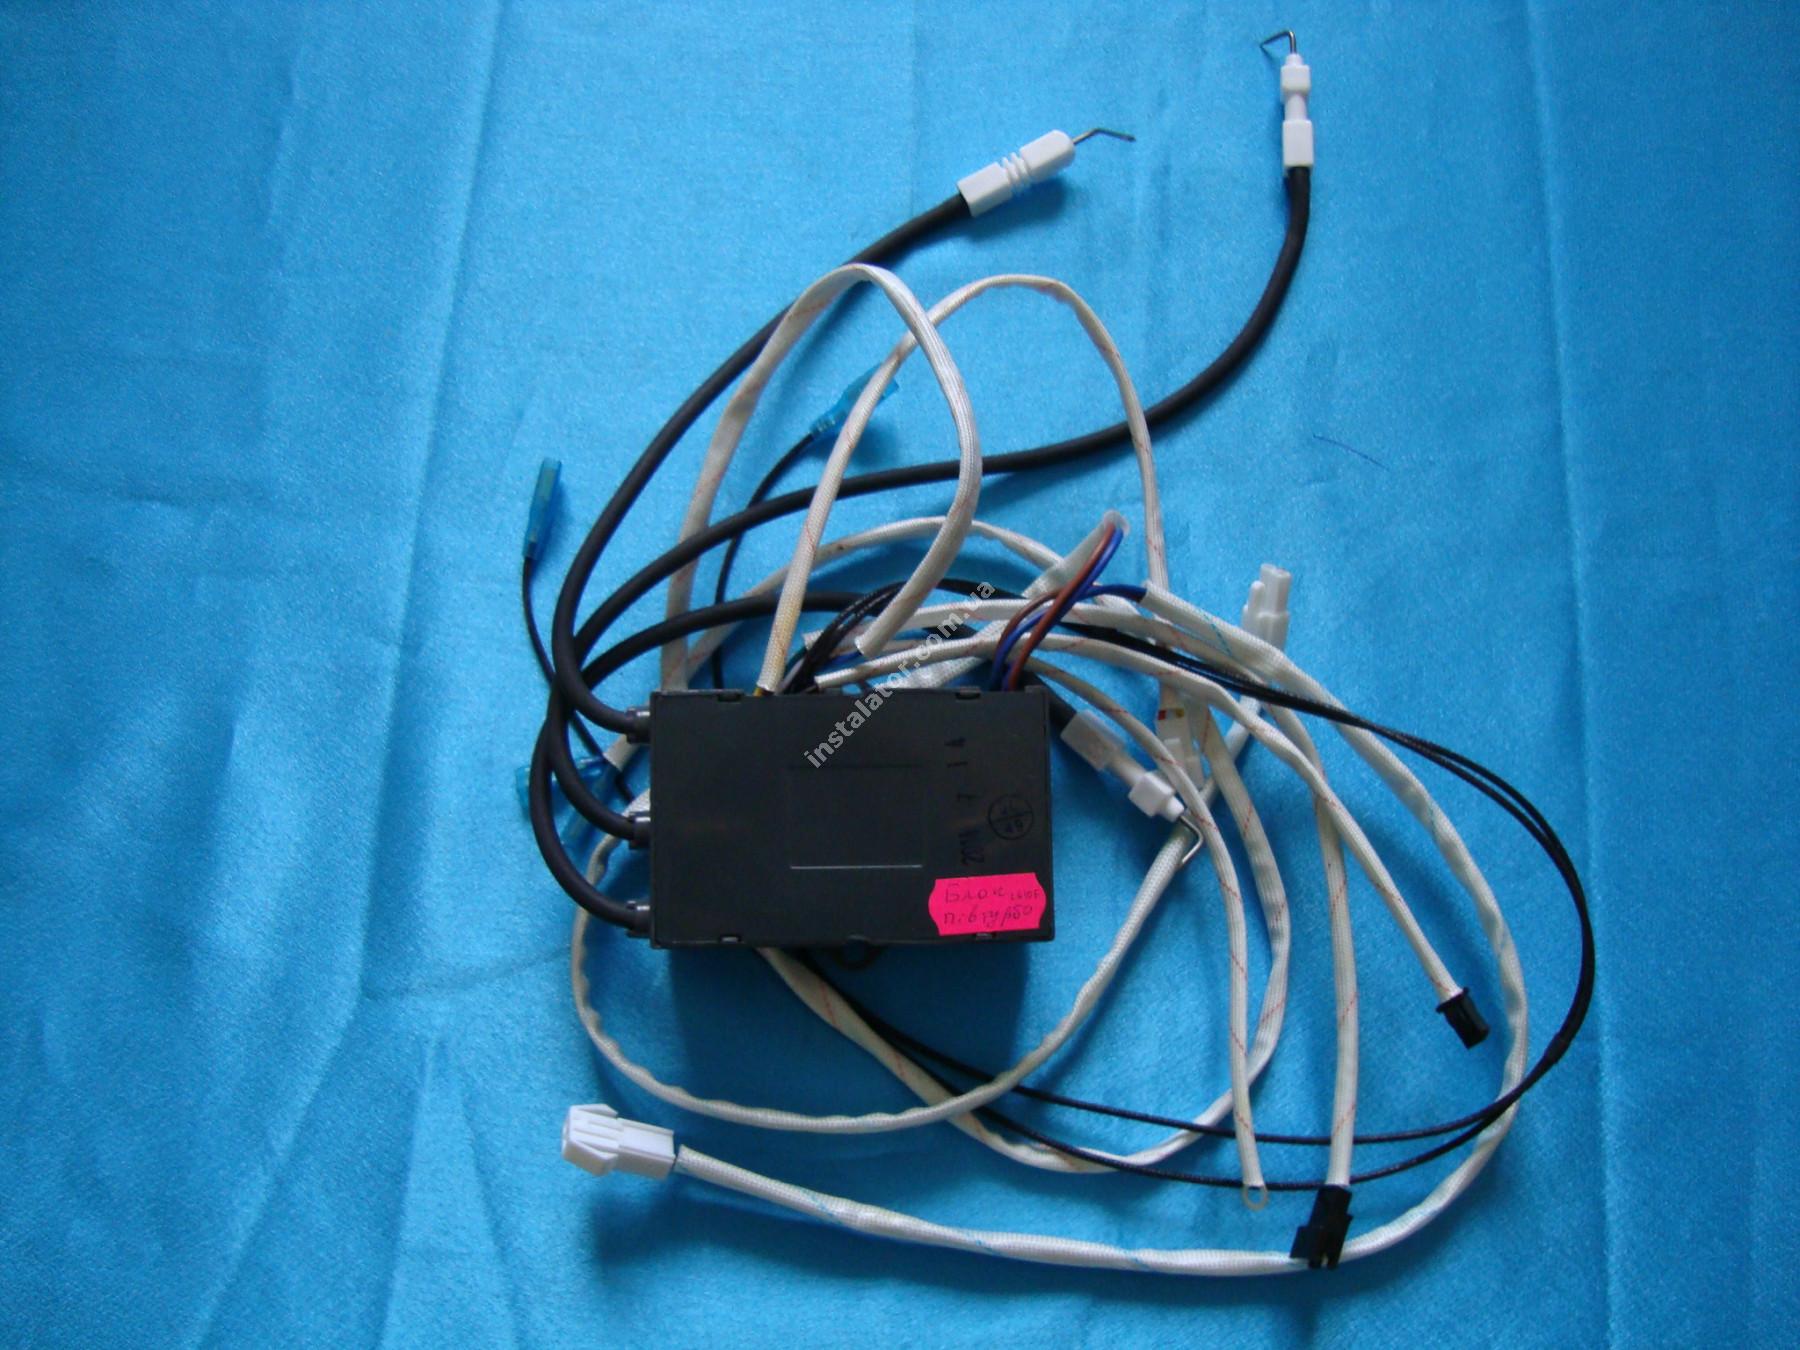 Блок керування Діон LG 10F full-image-1